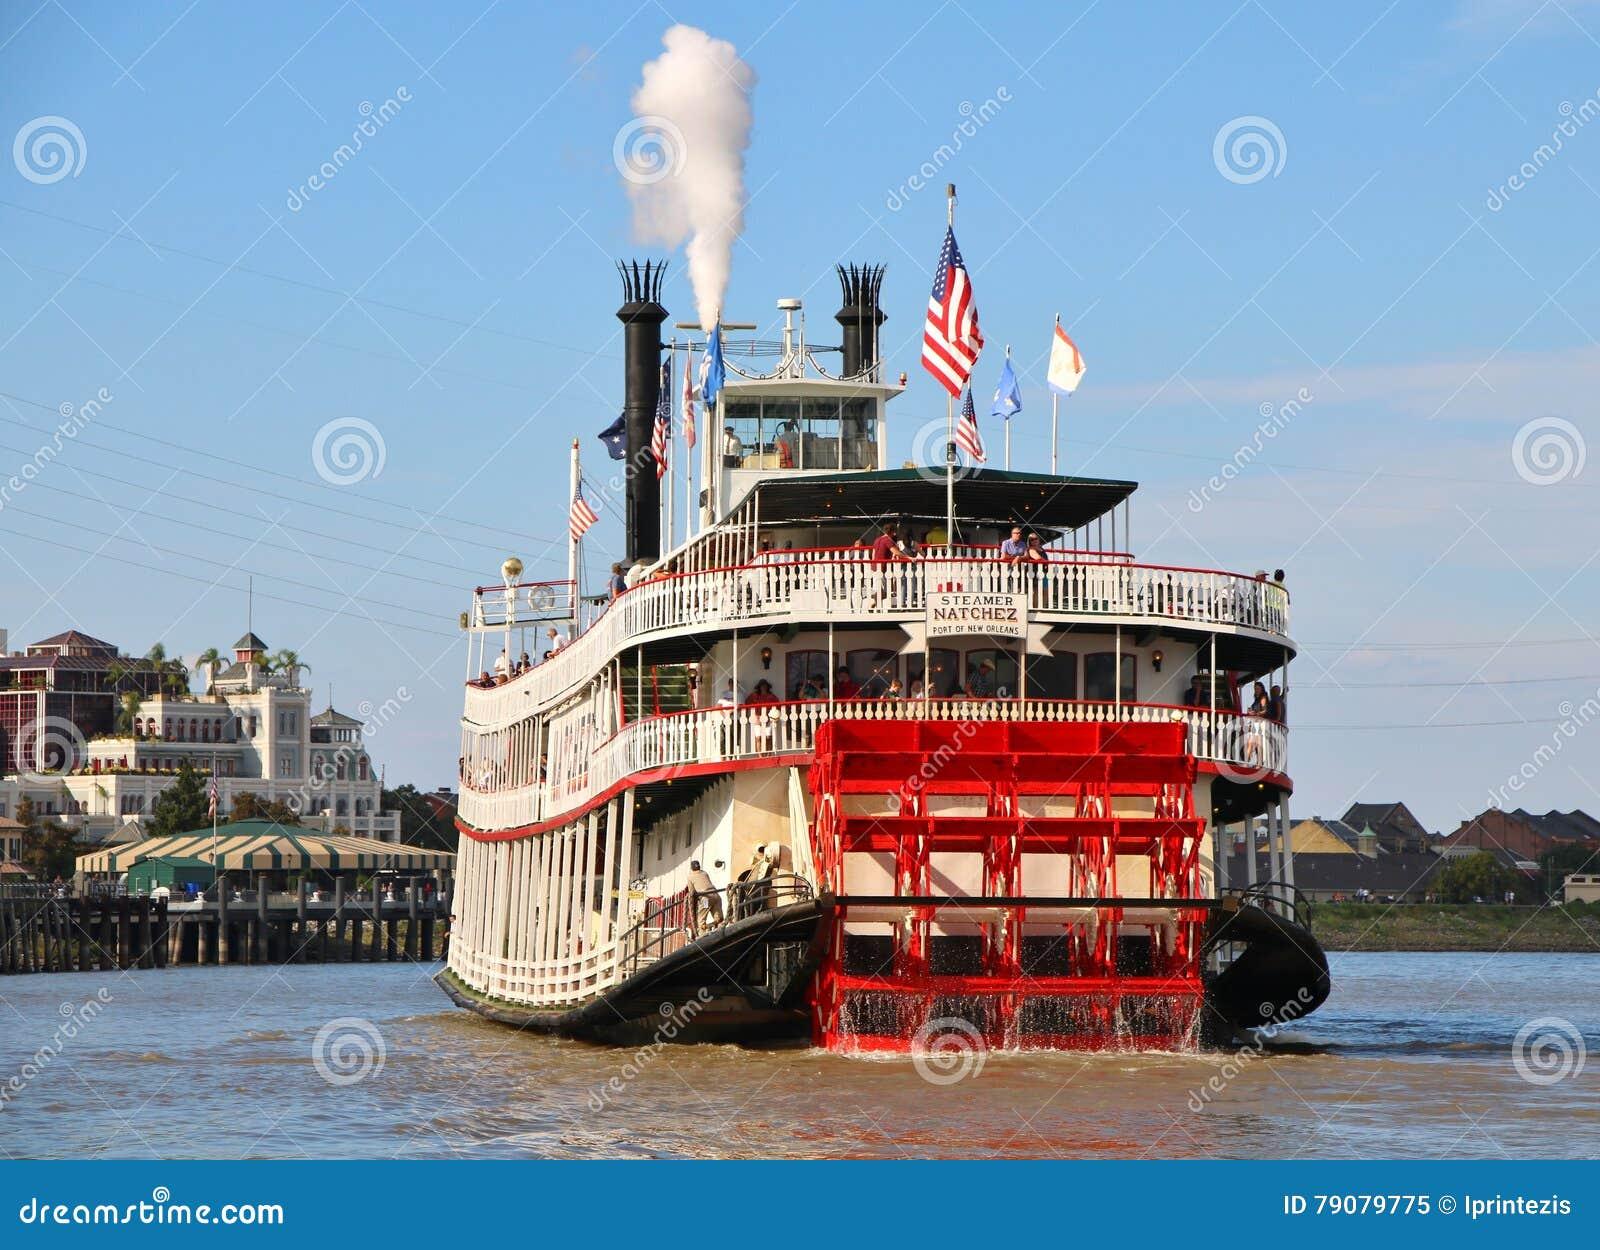 bateau vapeur natchez le fleuve mississippi de la nouvelle orlans image ditorial